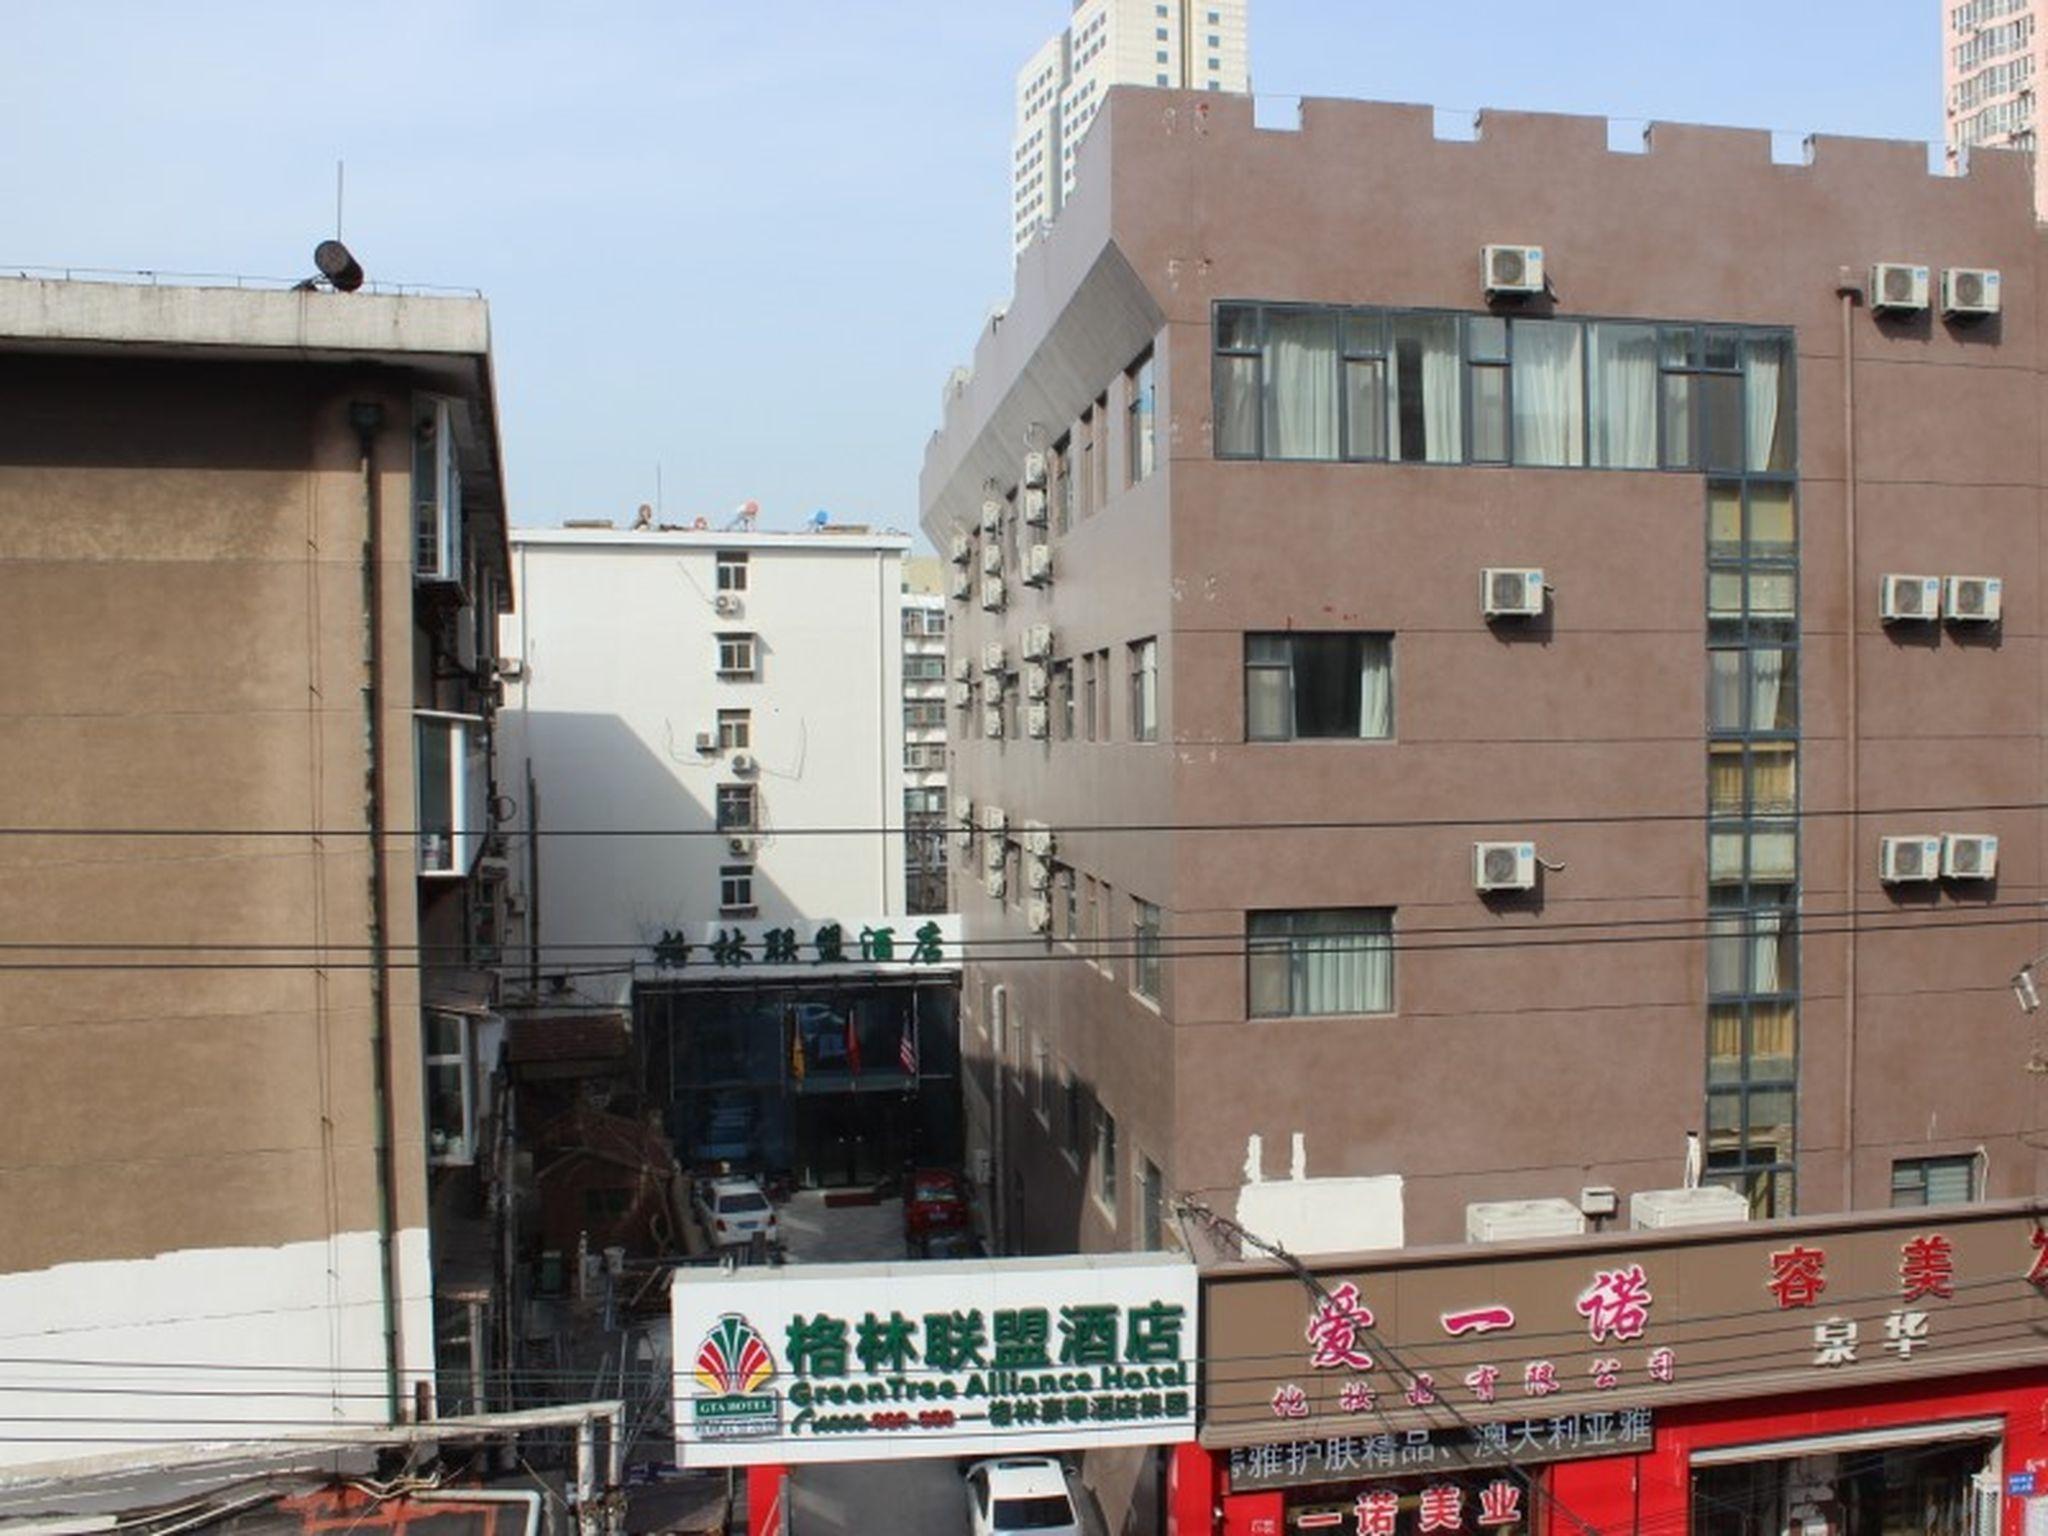 GreenTree Alliance Jinan Jingsi Road Daguanyuan Wanda Plaza Branch